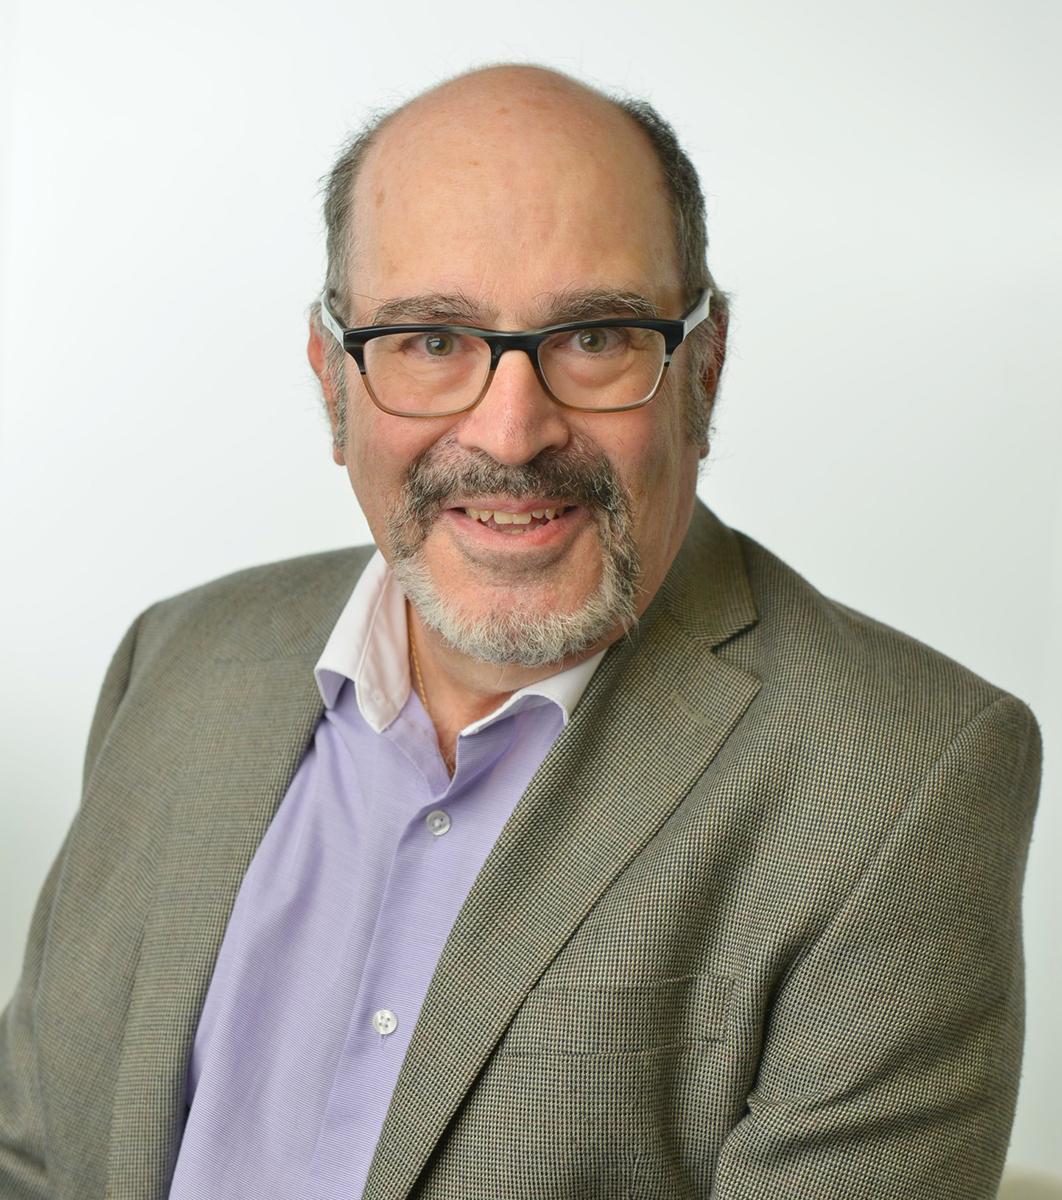 Robert D. Friedberg